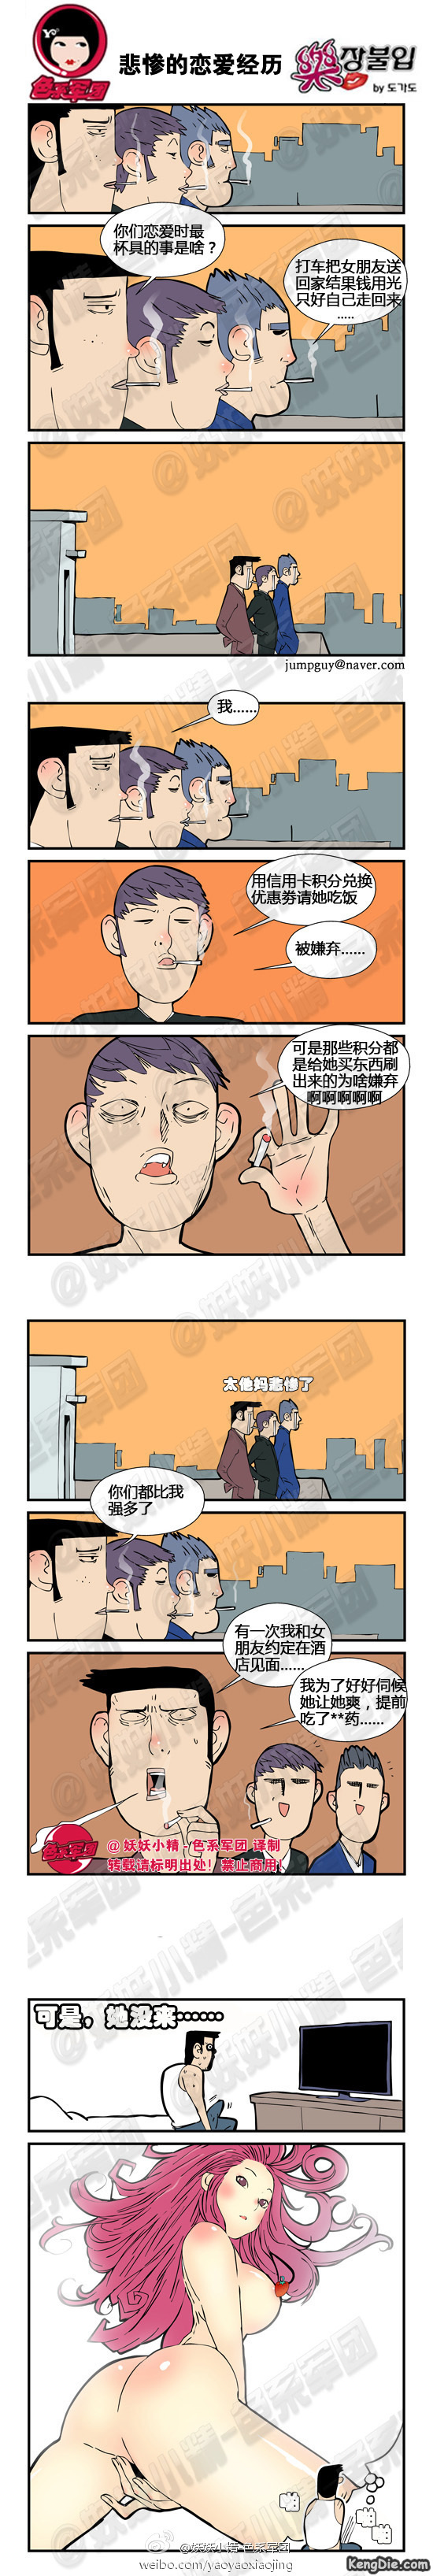 色系军团邪恶漫画:请允悲